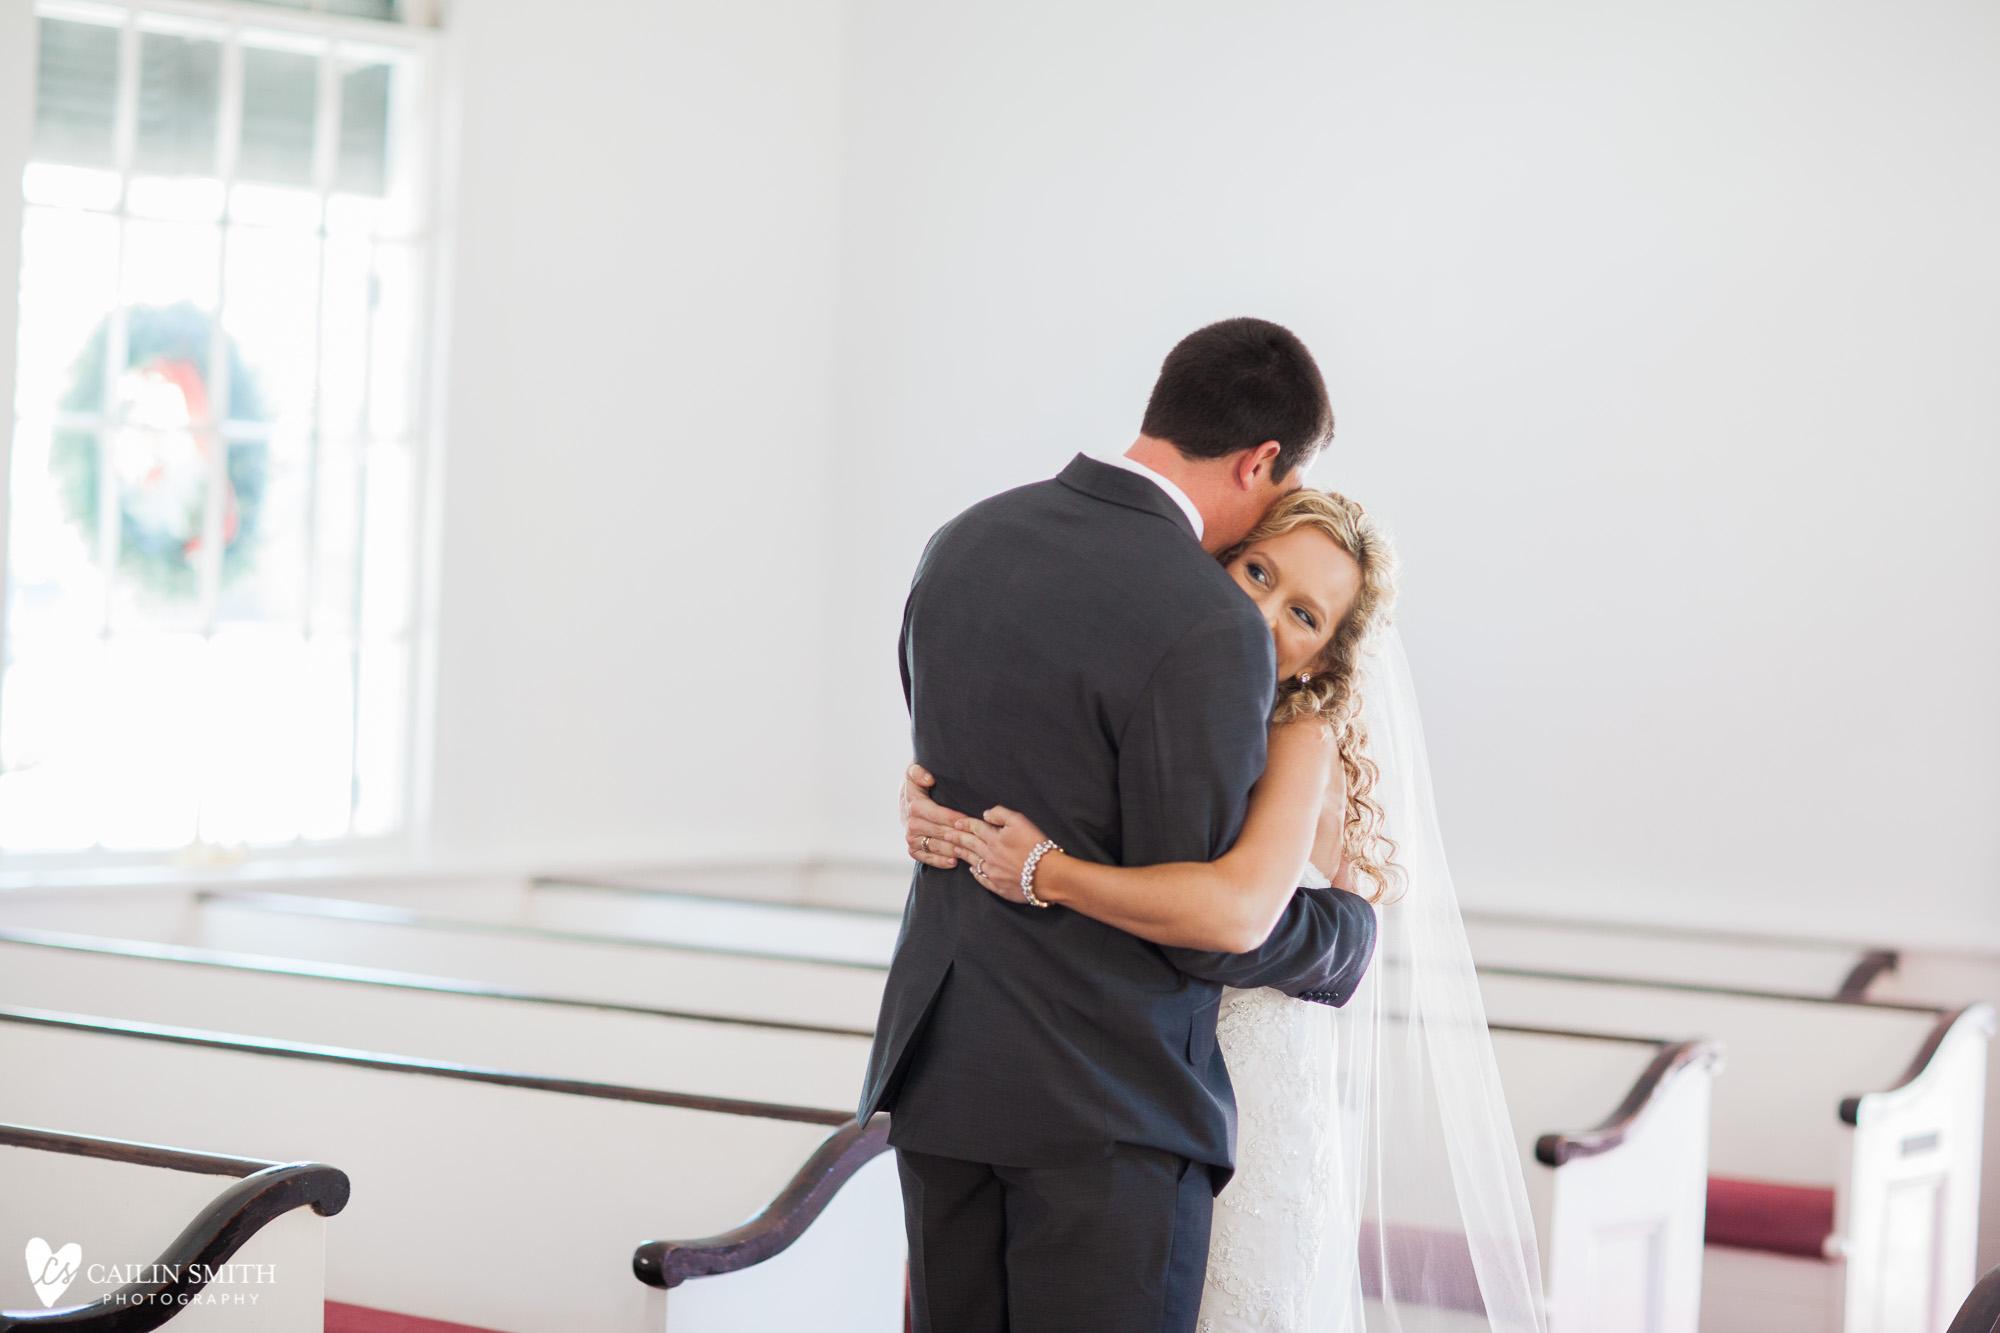 Leah_Major_St_Marys_Wedding_Photography_029.jpg